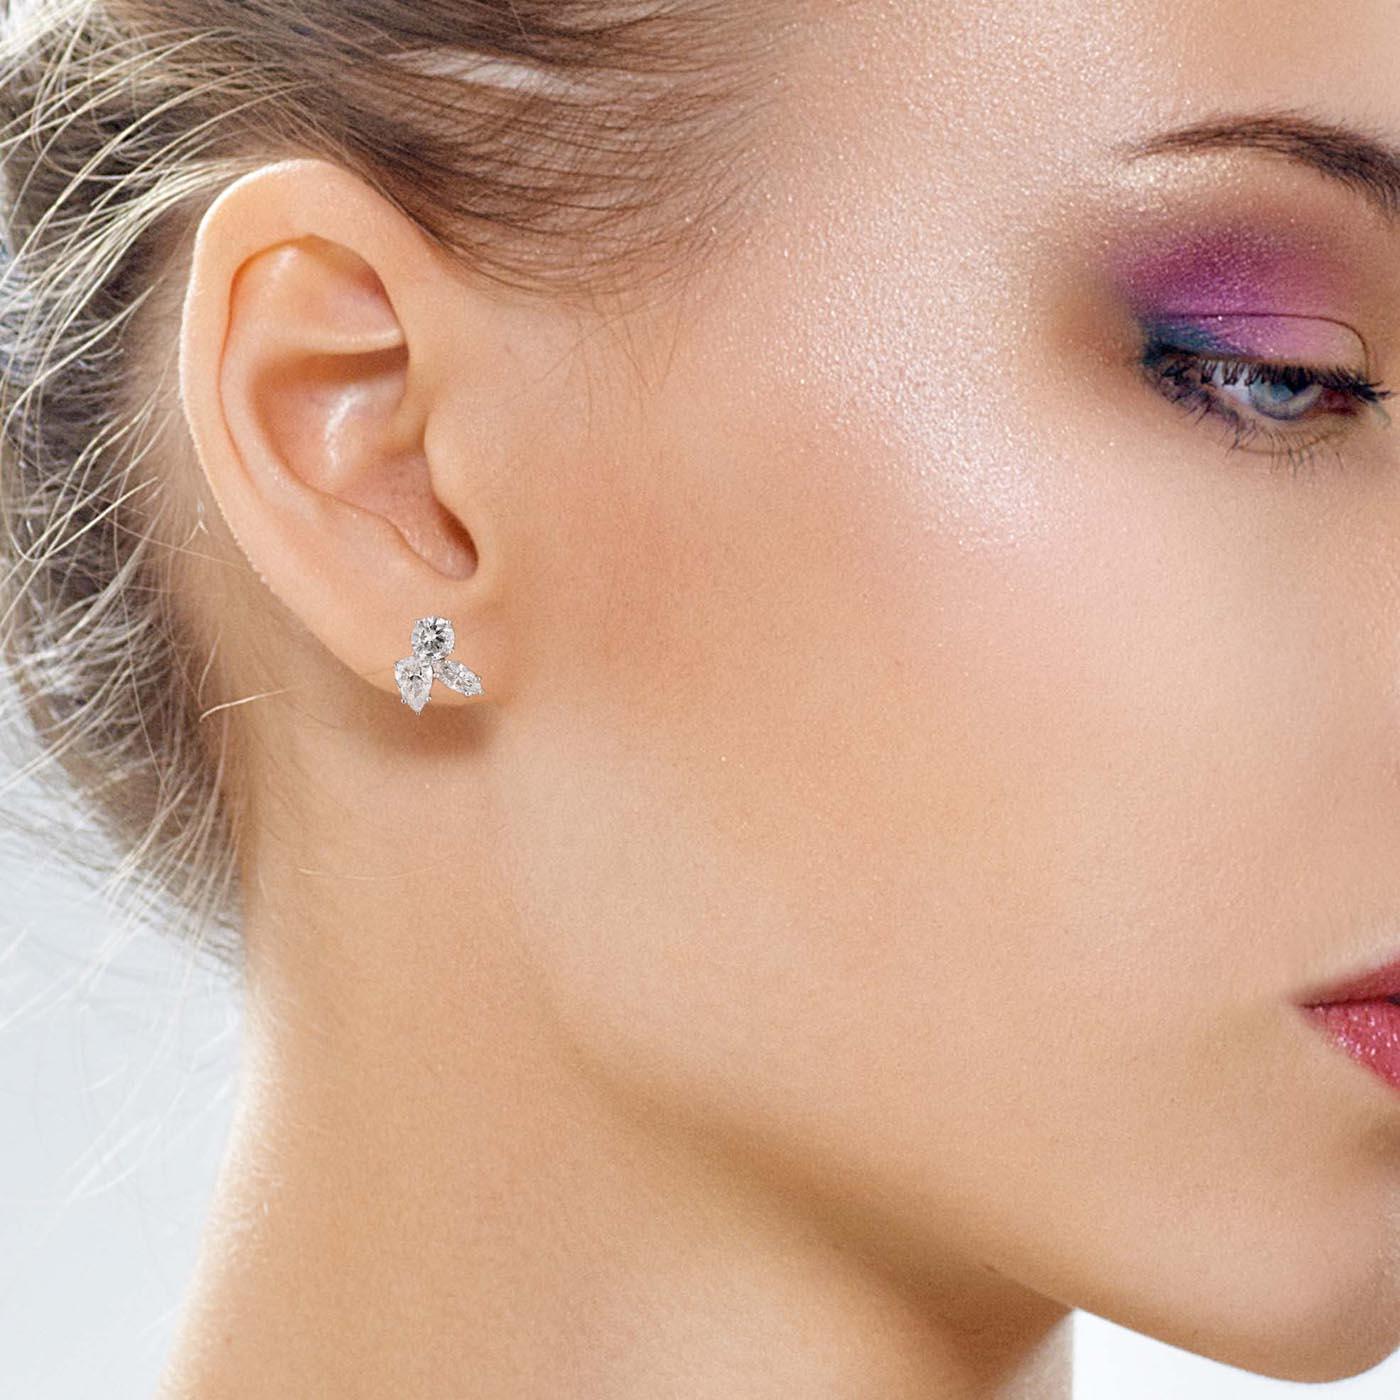 Vintage Diamond EarringsStyle #: UDE-07239